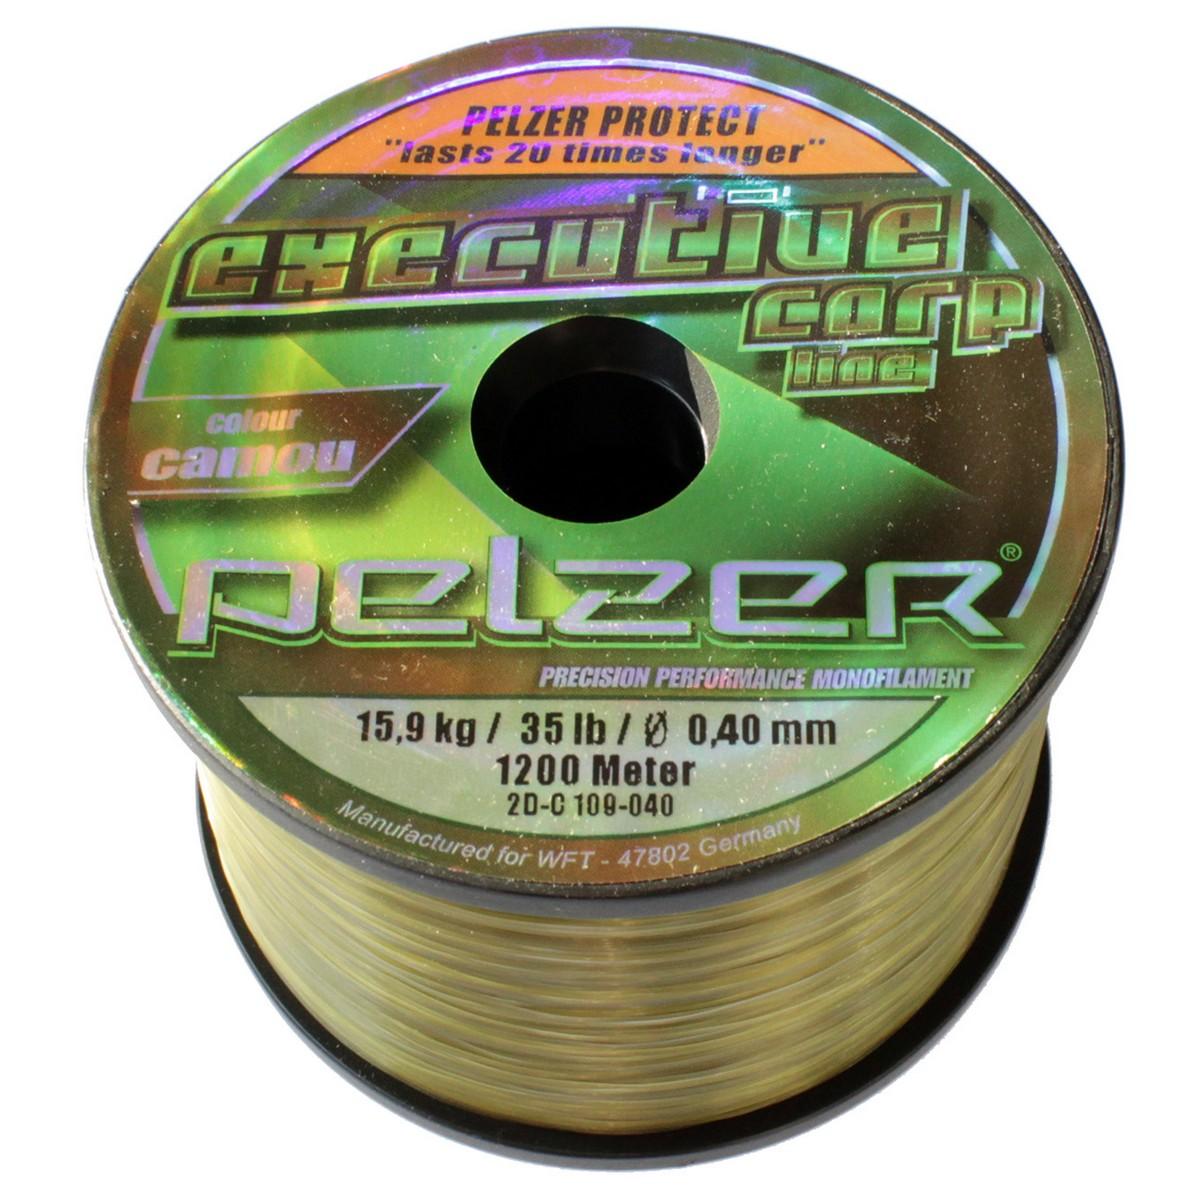 Pelzer Executive Carp Line Camou 1200m